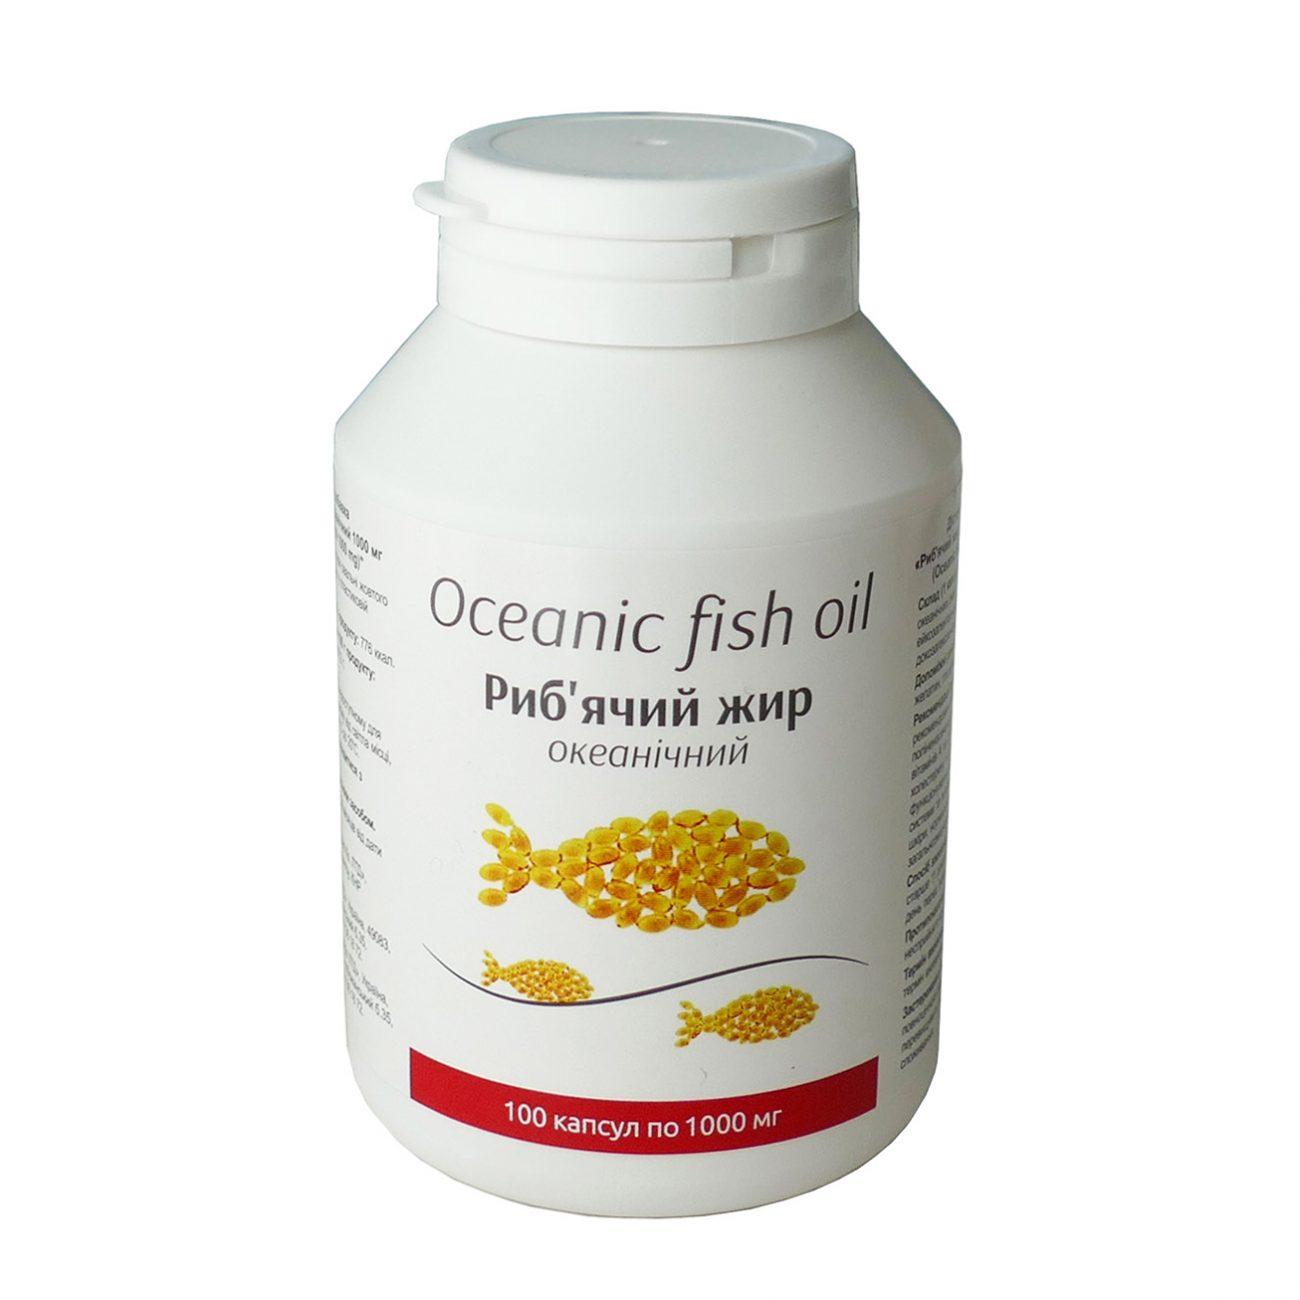 Польза и вред рыбьего жира в капсулах. Точная инструкция по применению